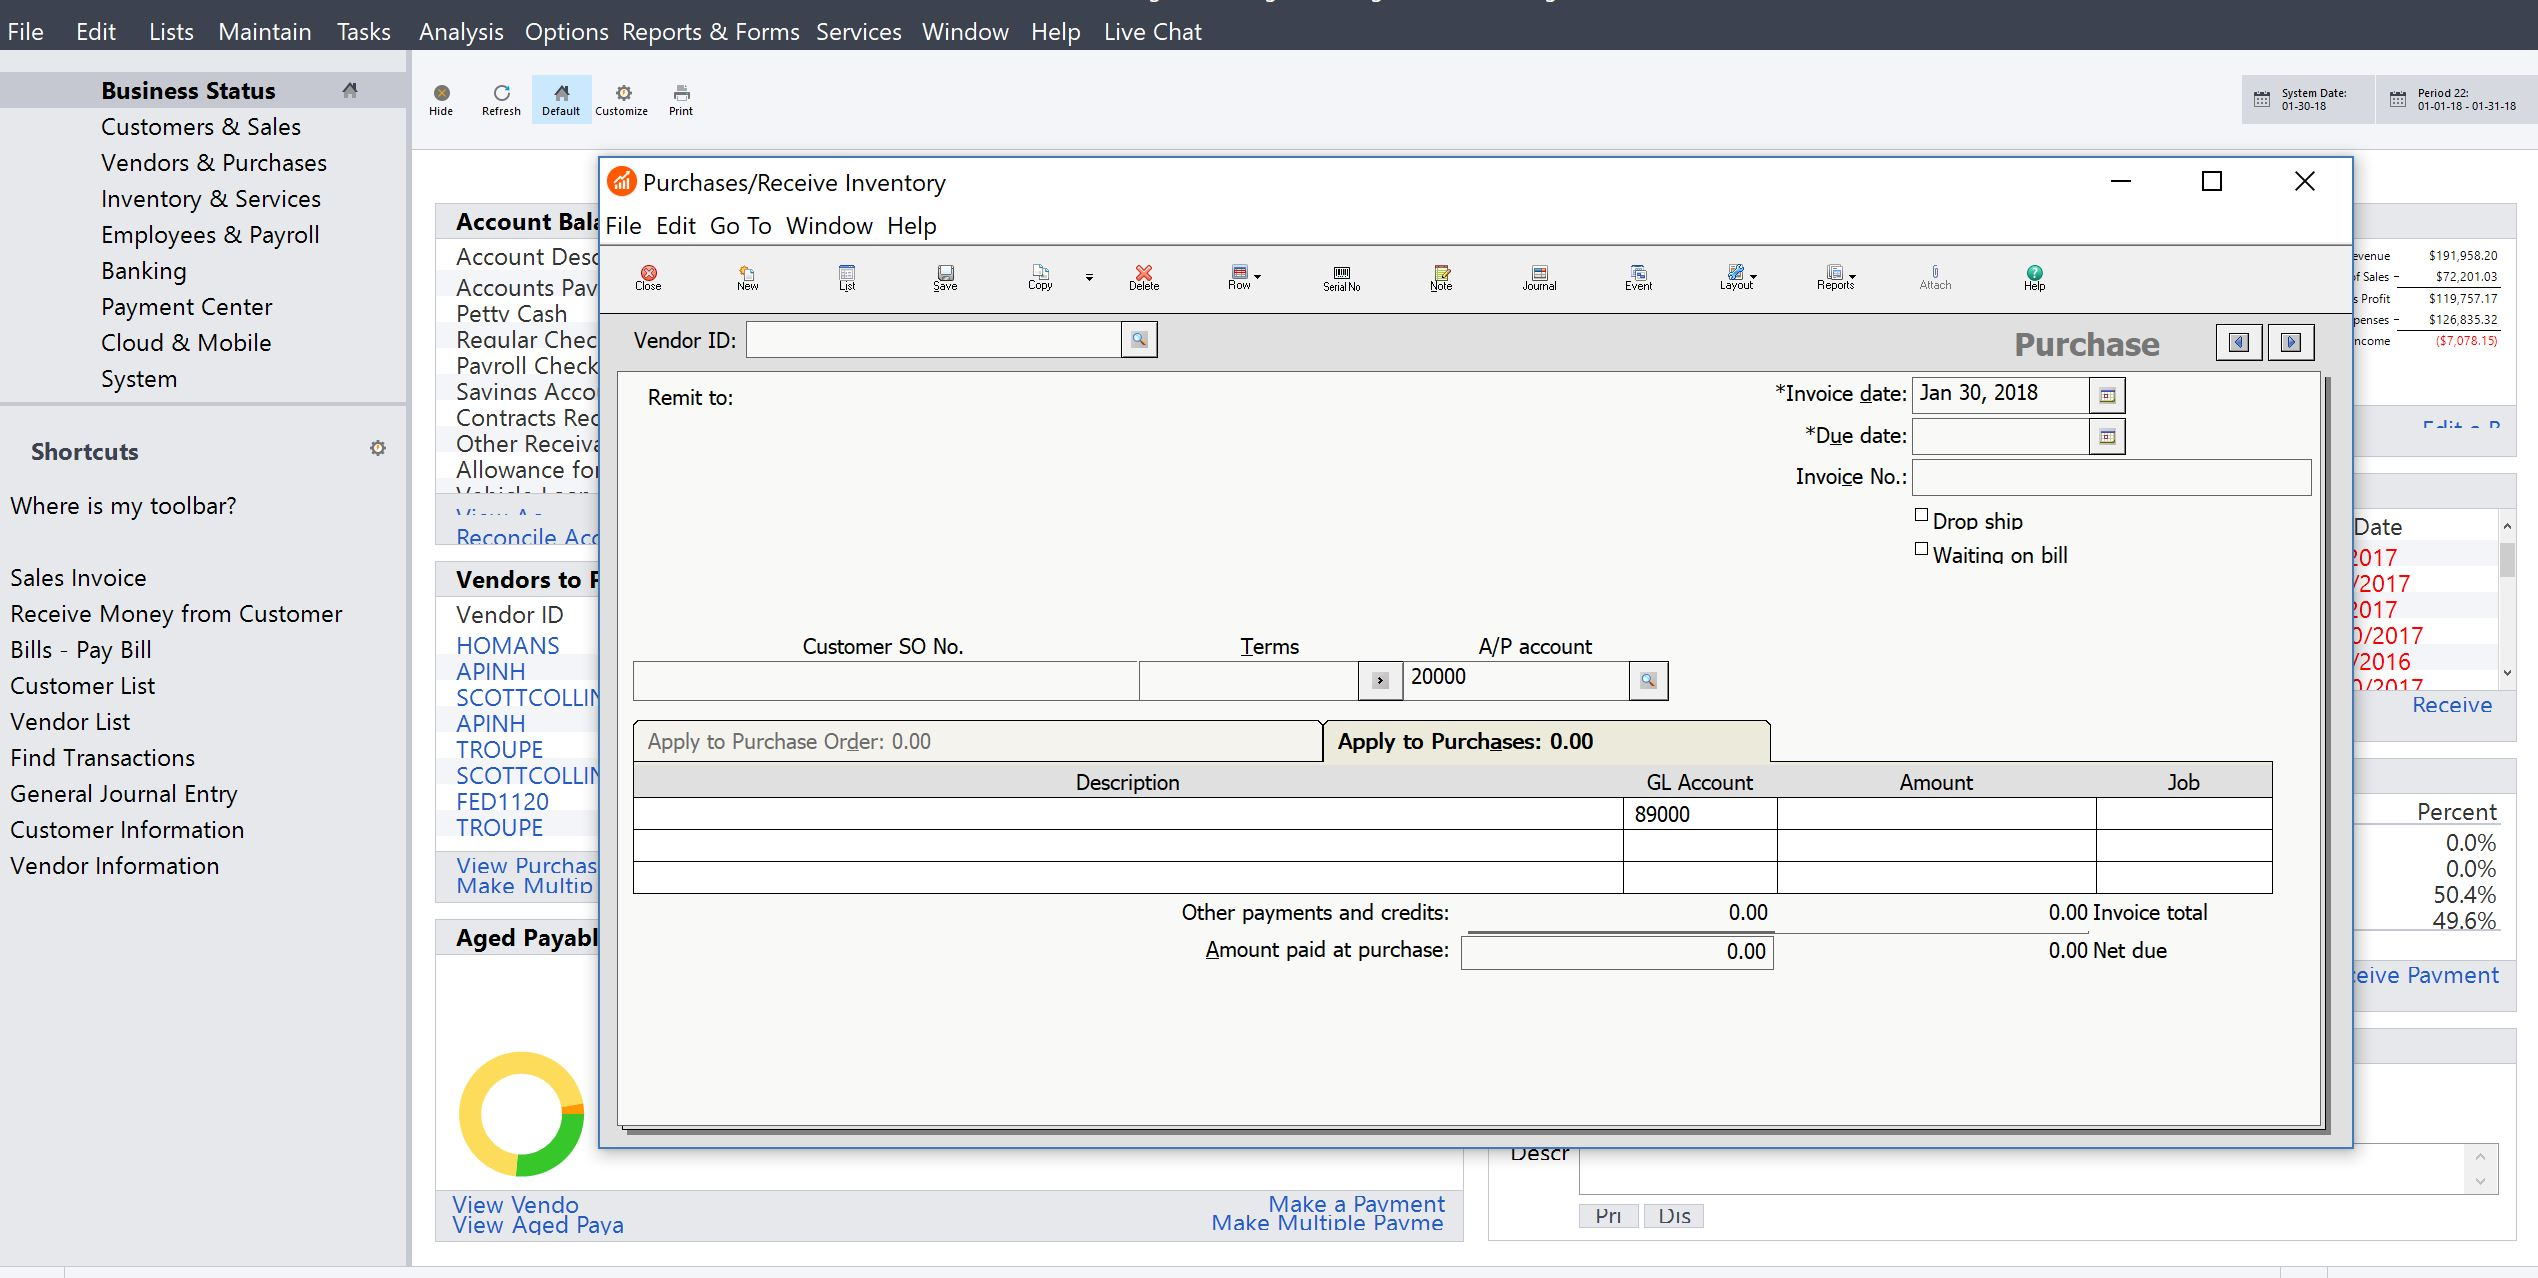 Display settings problem on Sage 2018 2560 X 1440 - Sage 50 US